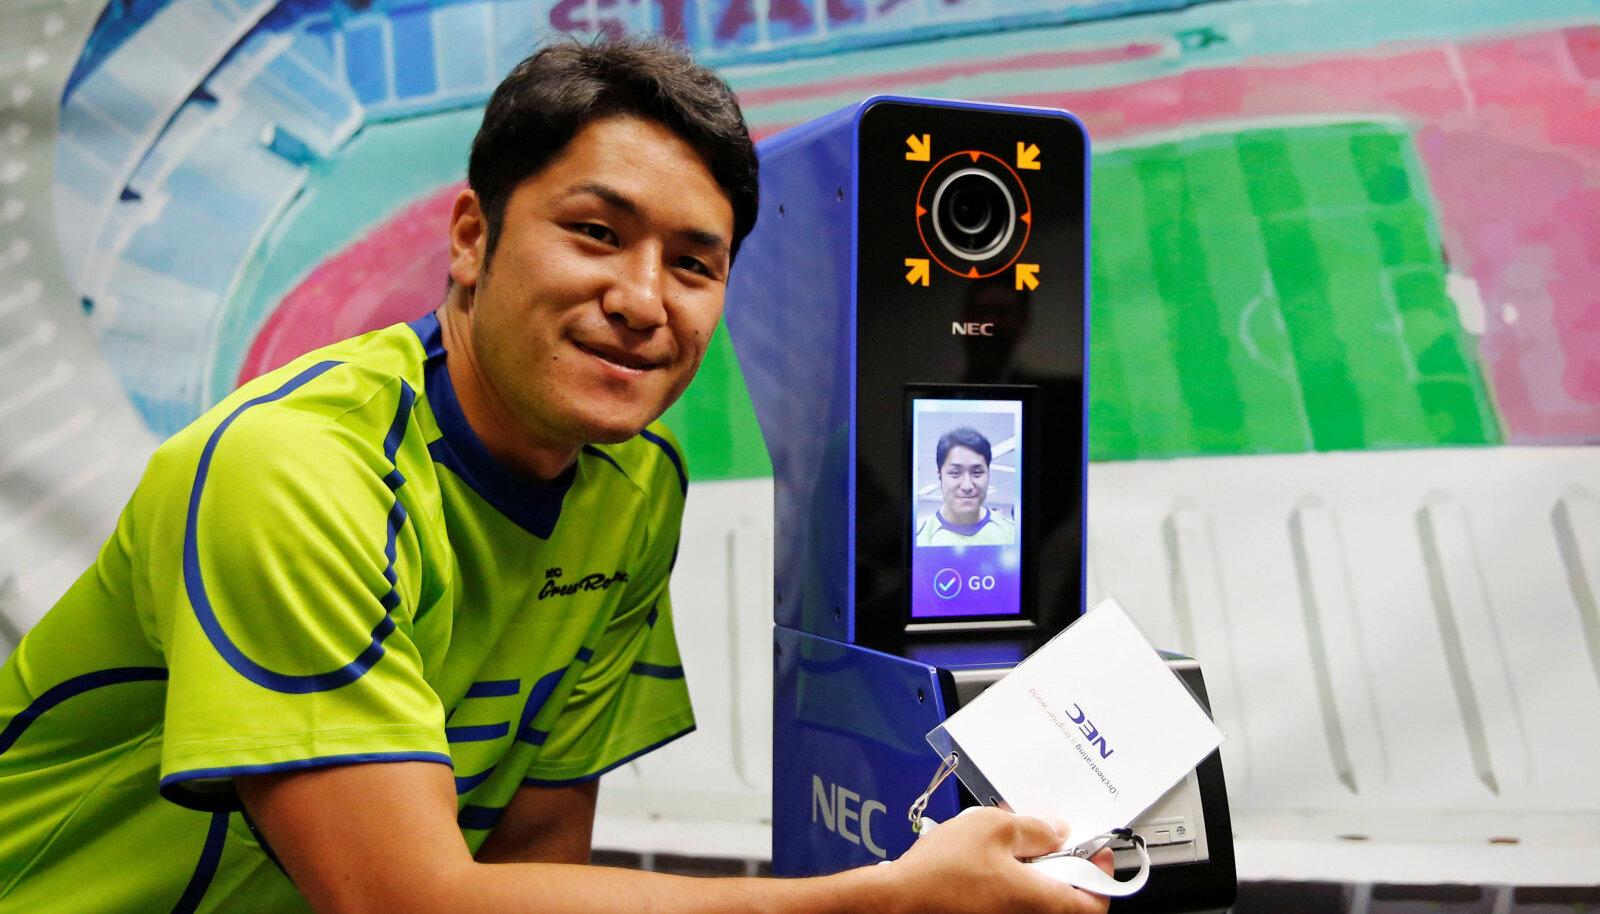 Rägbimängija Teruya Goto tänasel presentatsioonil, taga tuvastuskaamera, millesse vaadata tuleb.